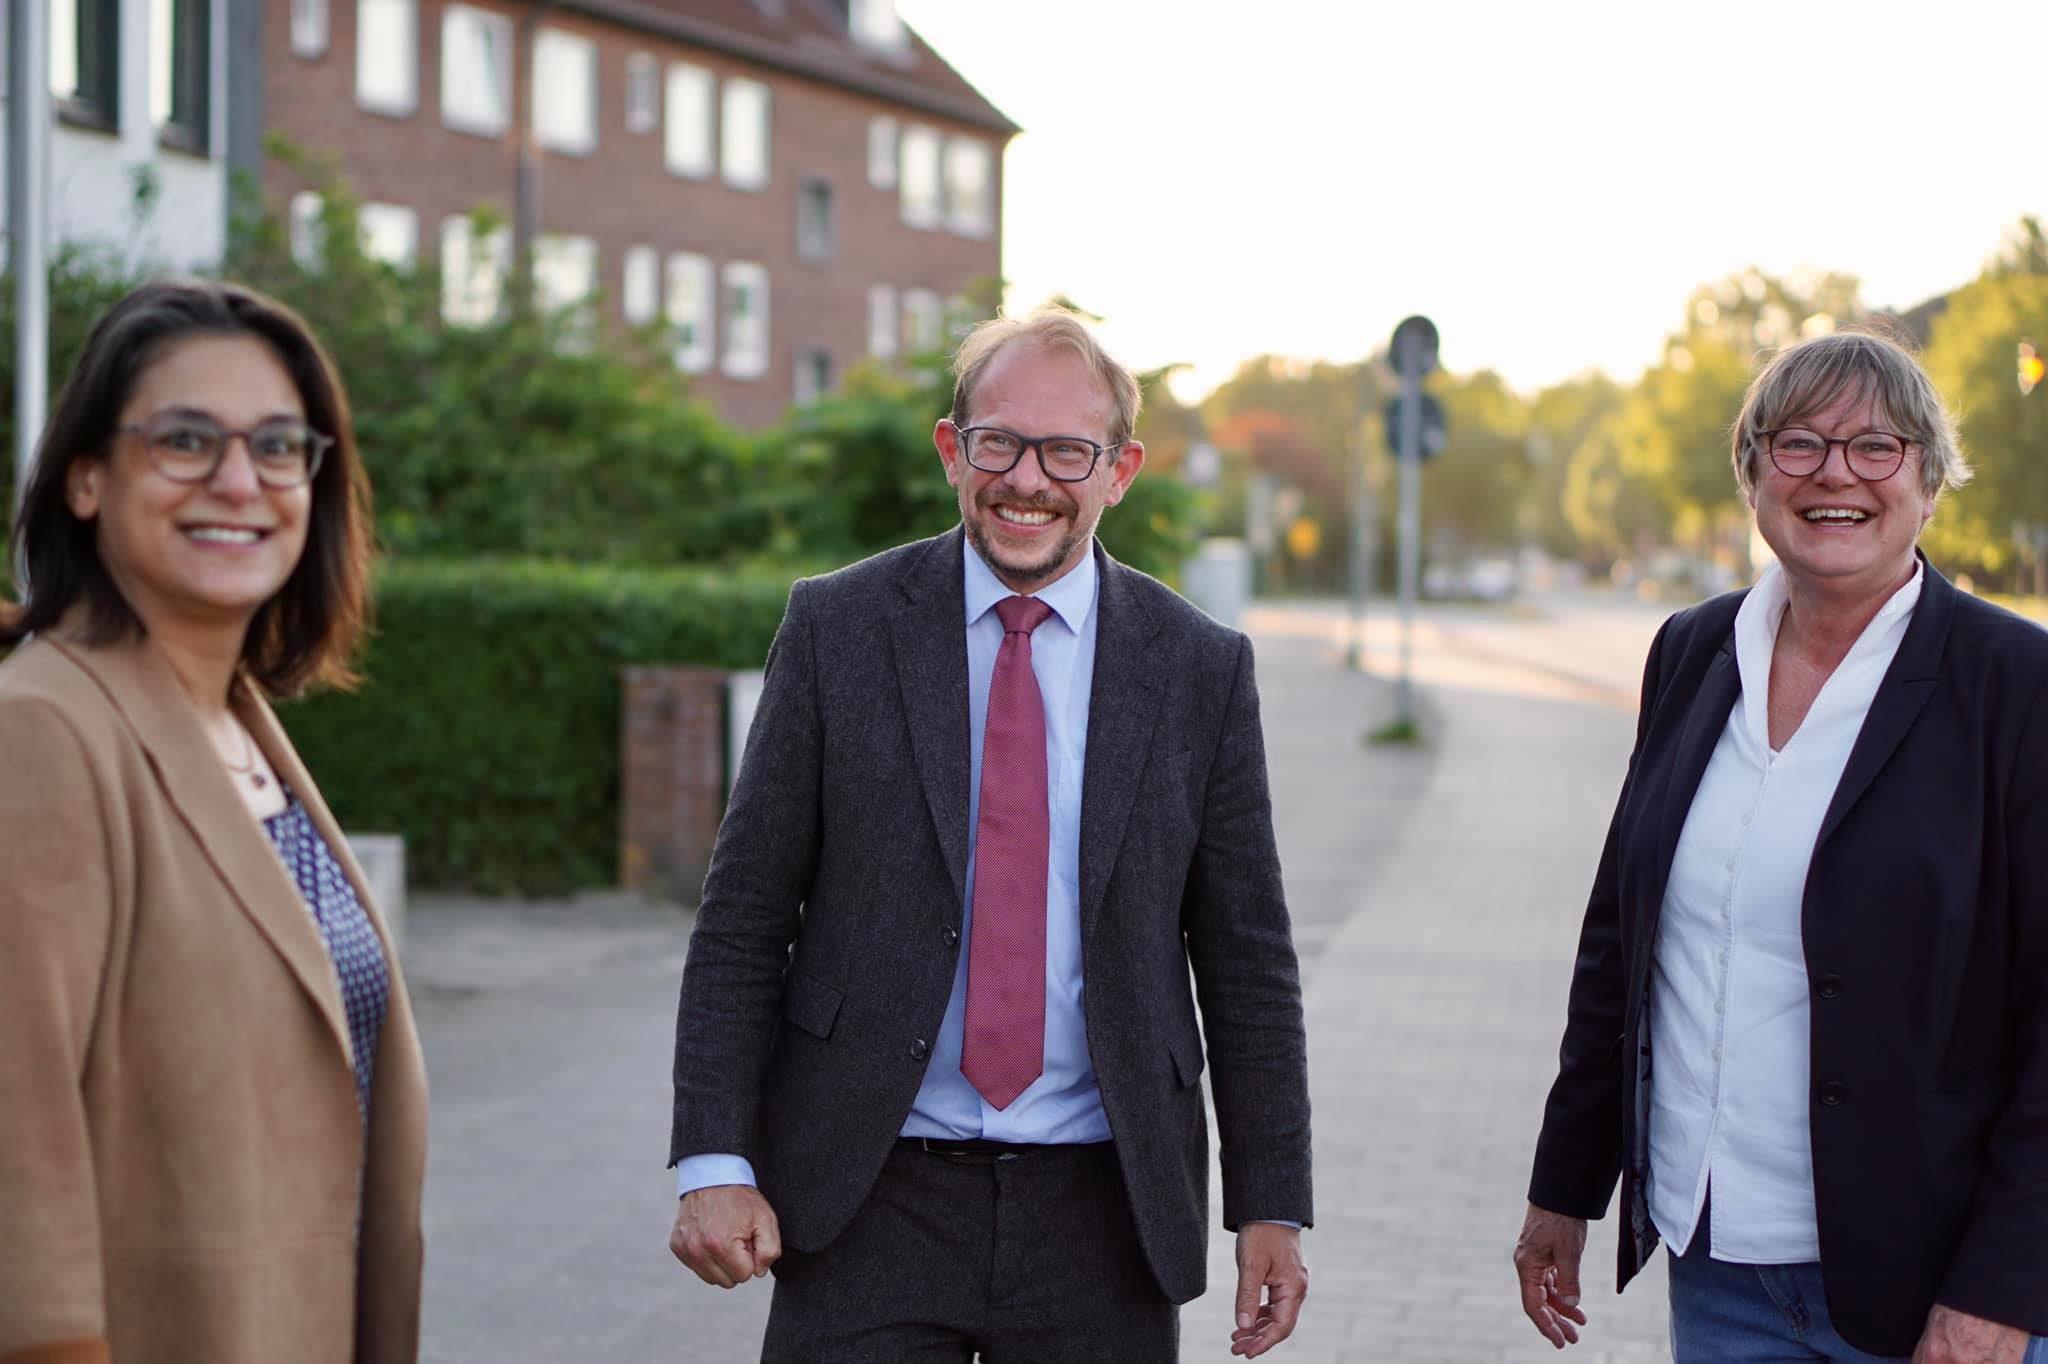 Tobias Bergmann gemeinsam mit Serpil Midyatli und Kirsten Eickhoff-Weber.